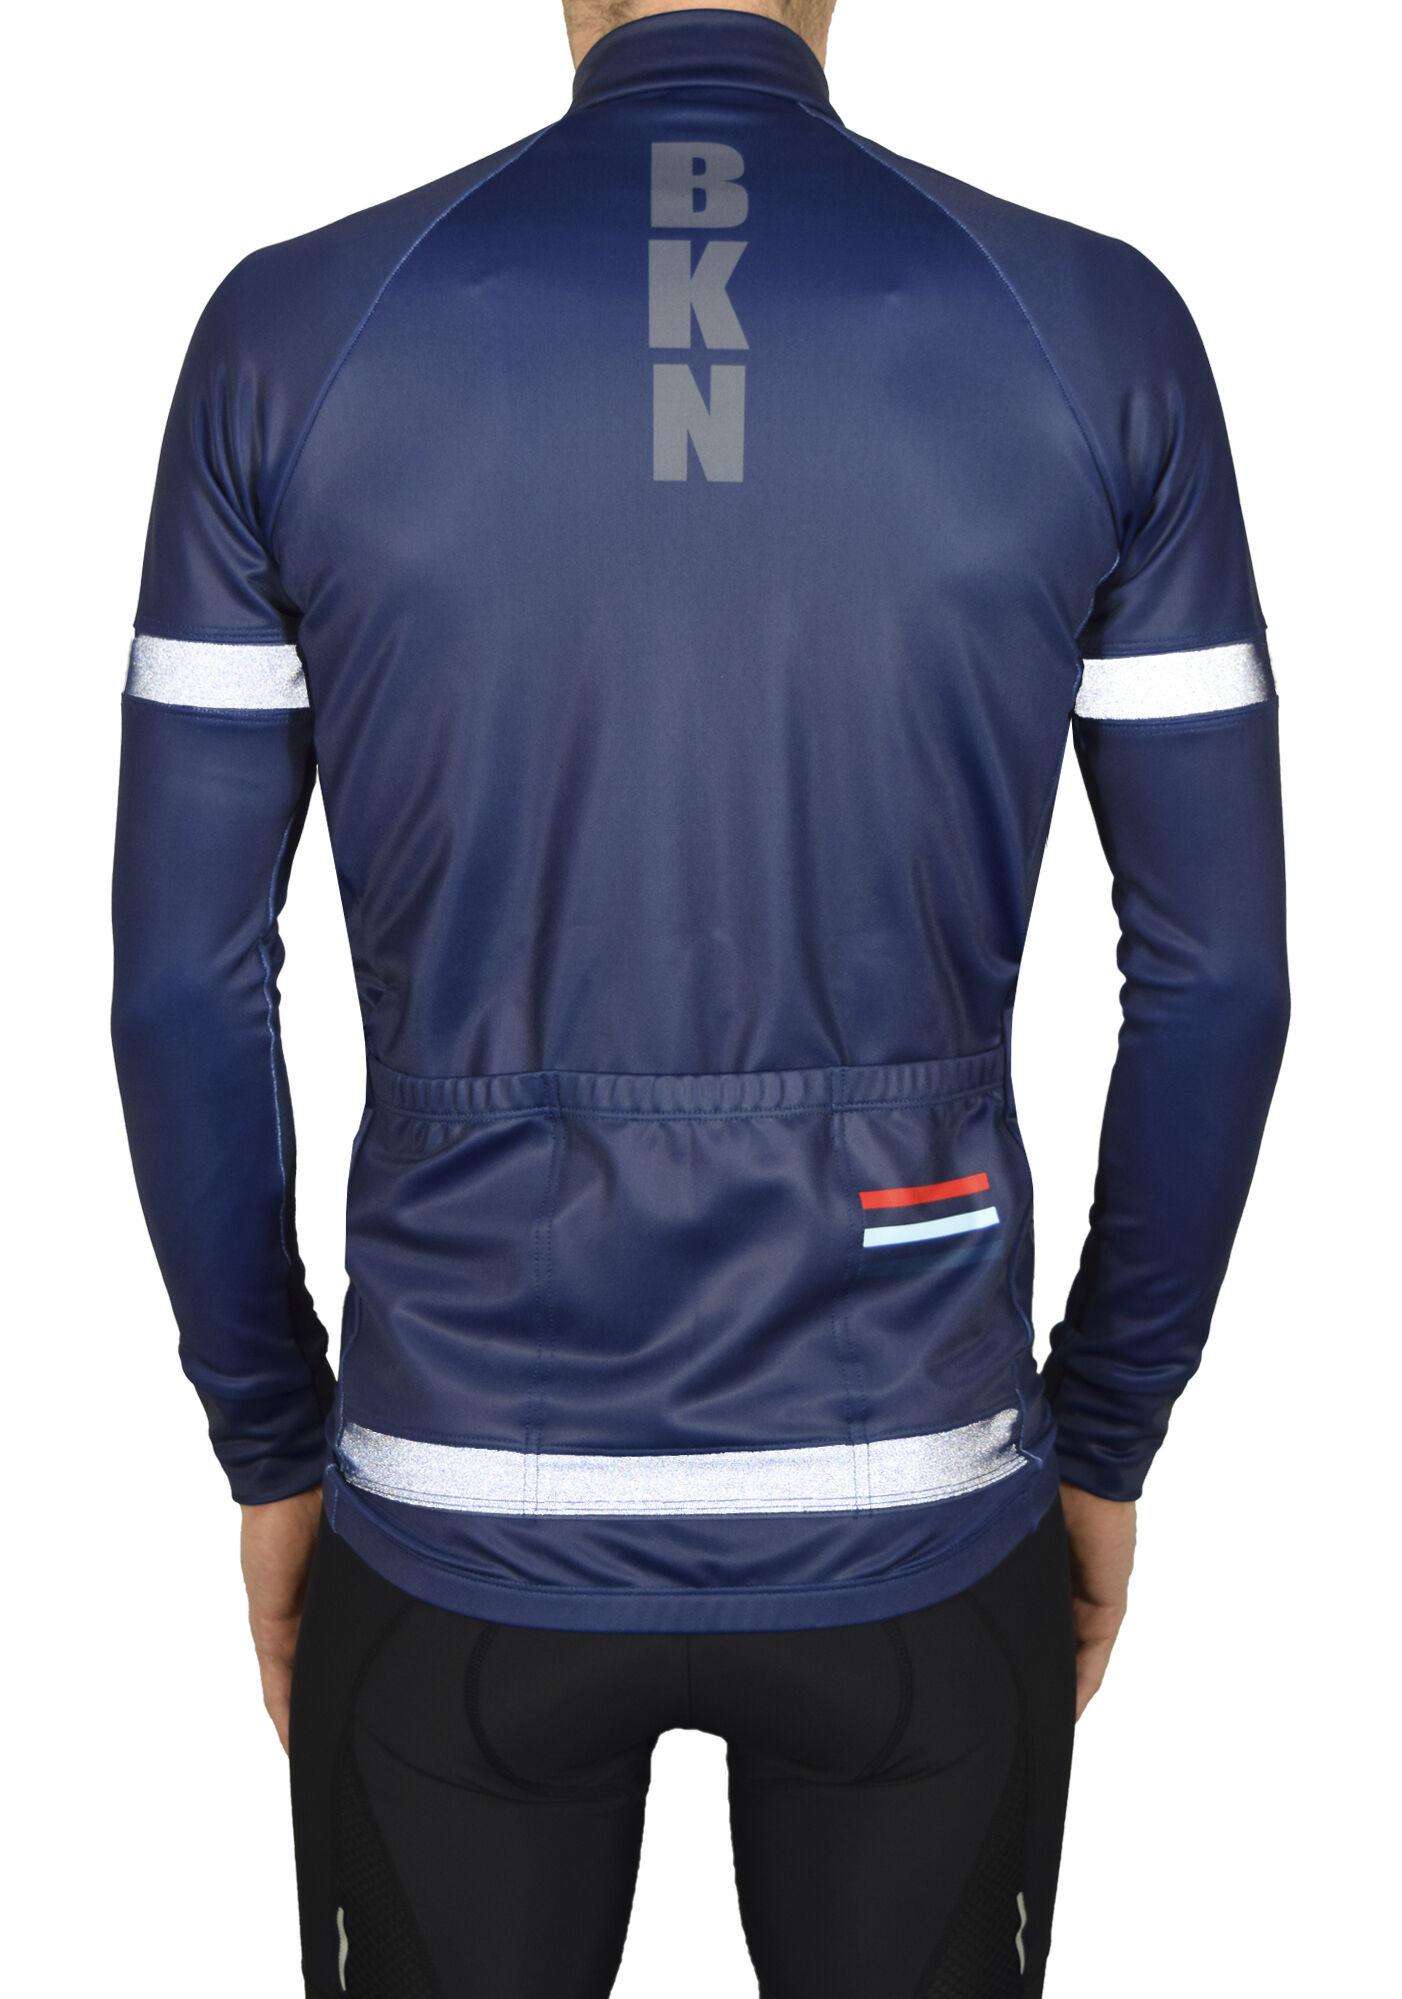 BKN Navy Reflective Jacket BACK_Reflective ON